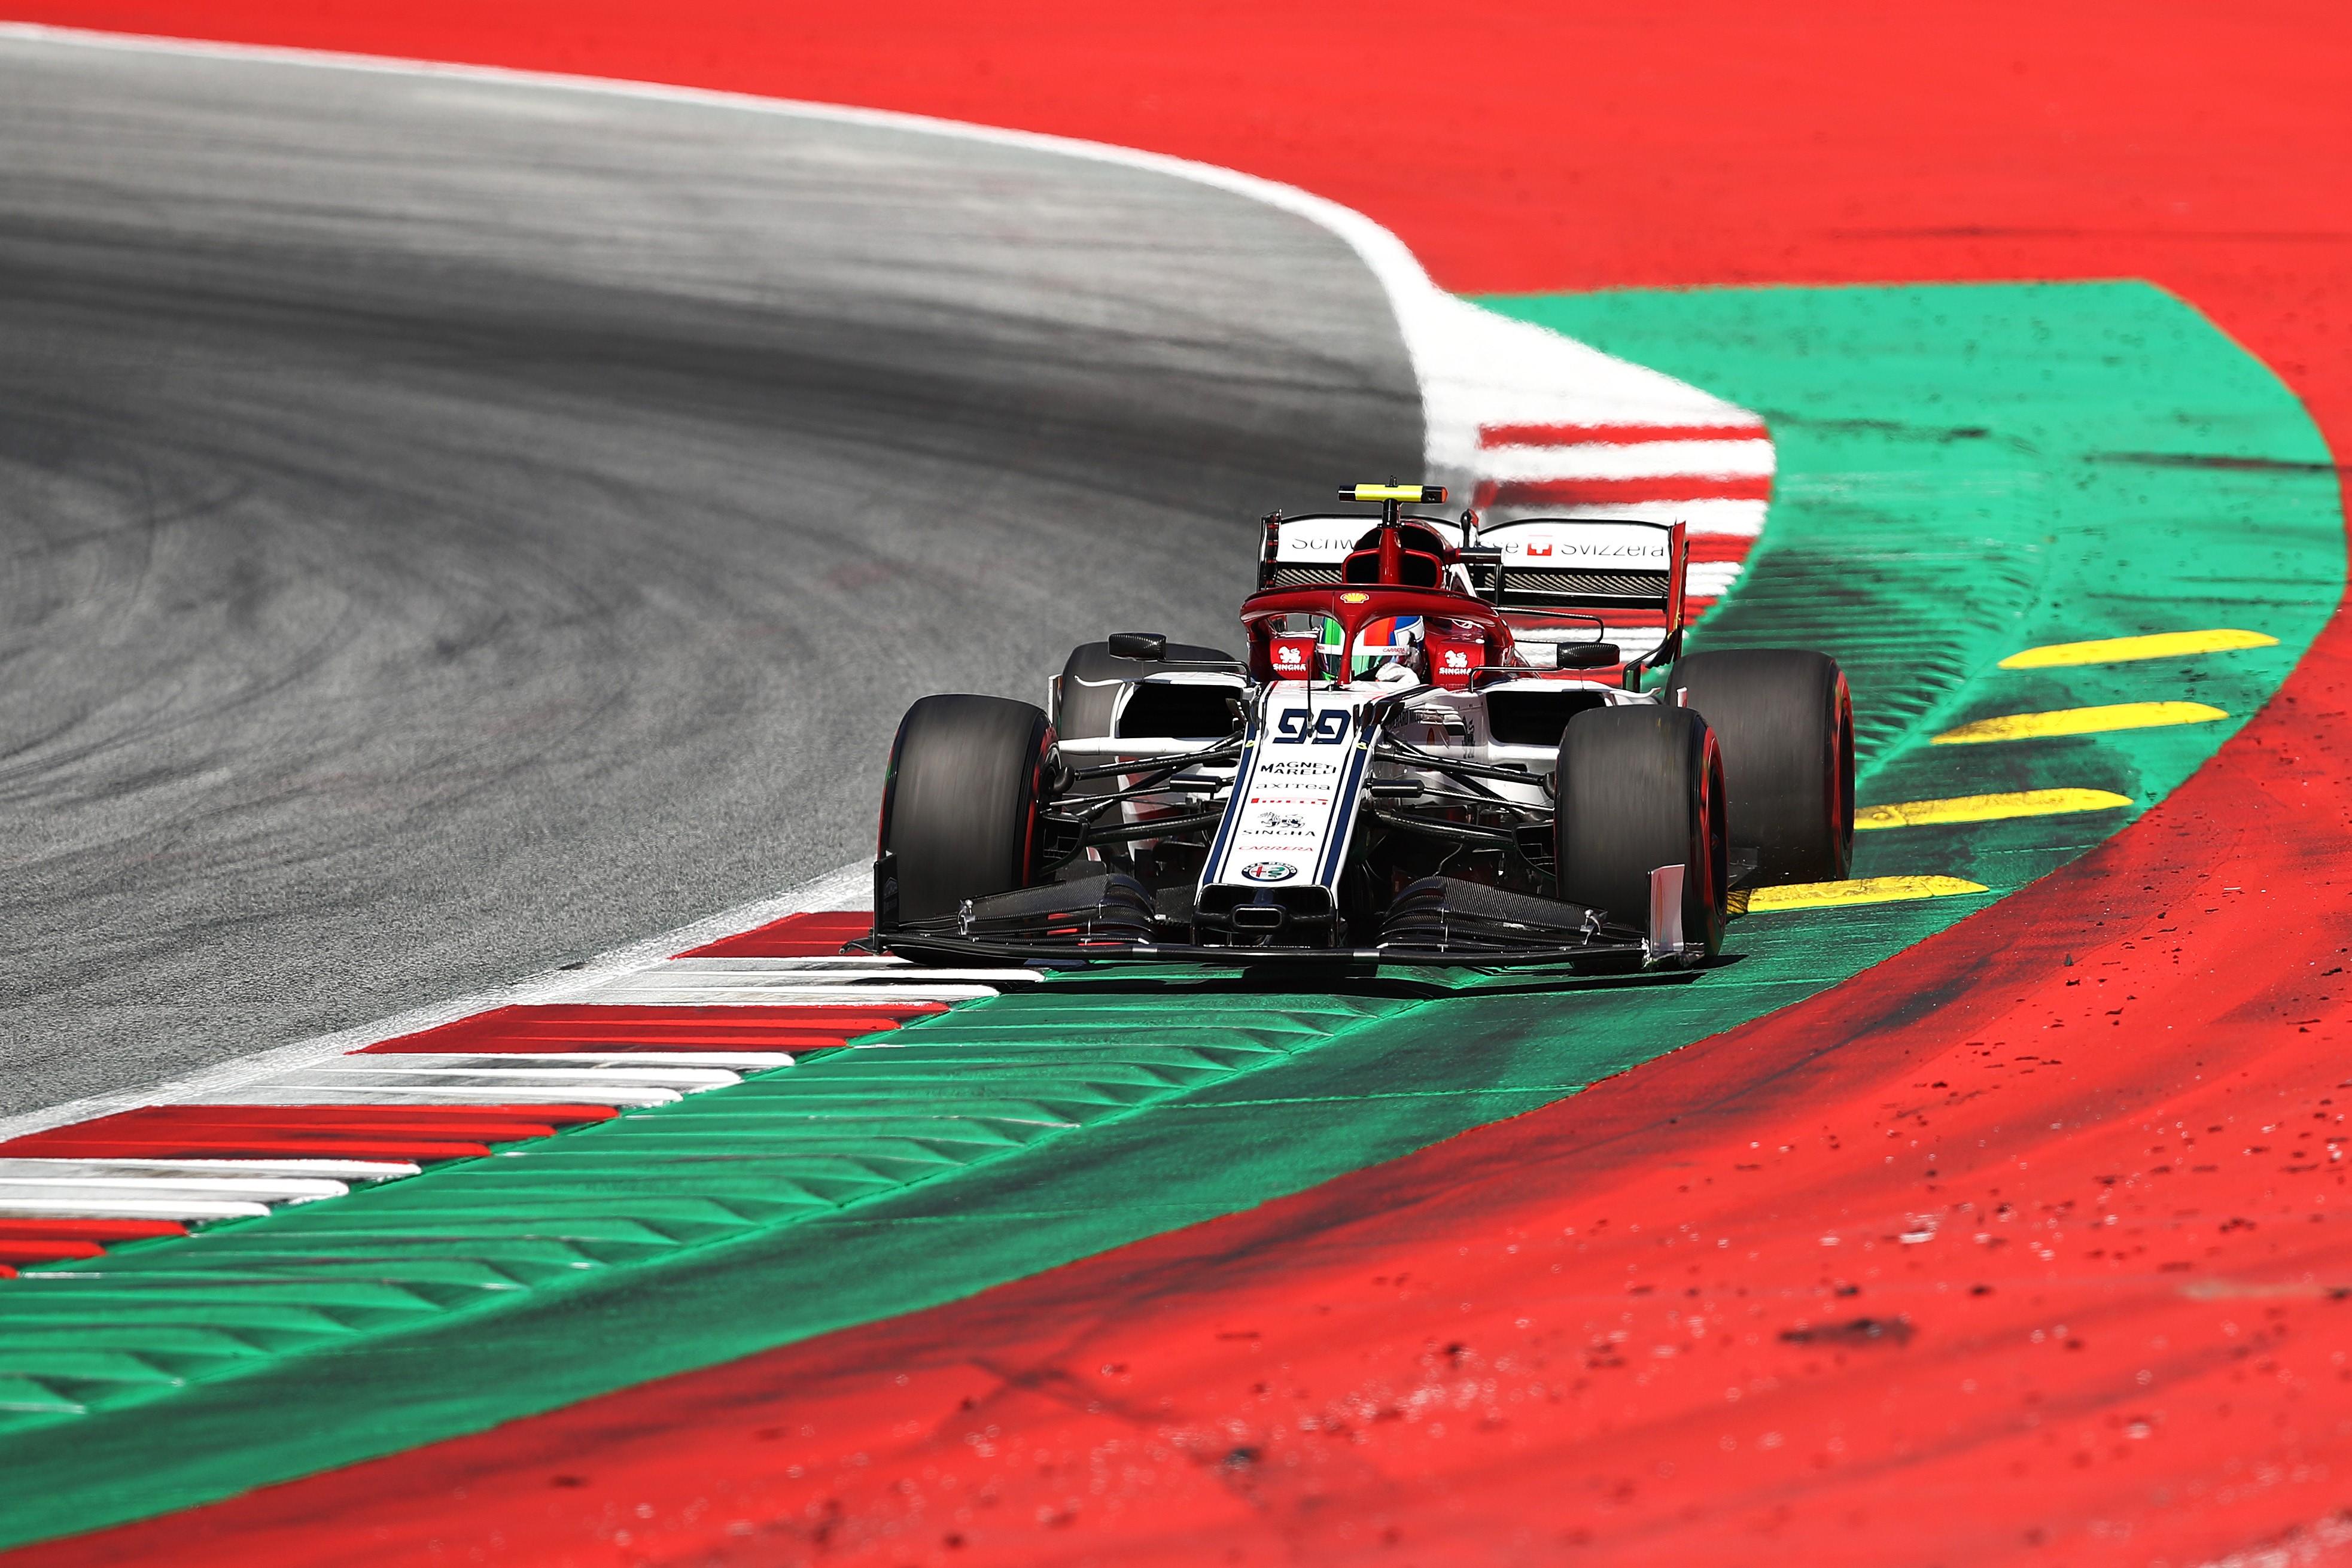 Antonio Giovinazzi (Alfa Romeo) au Grand Prix d'Autriche 2019